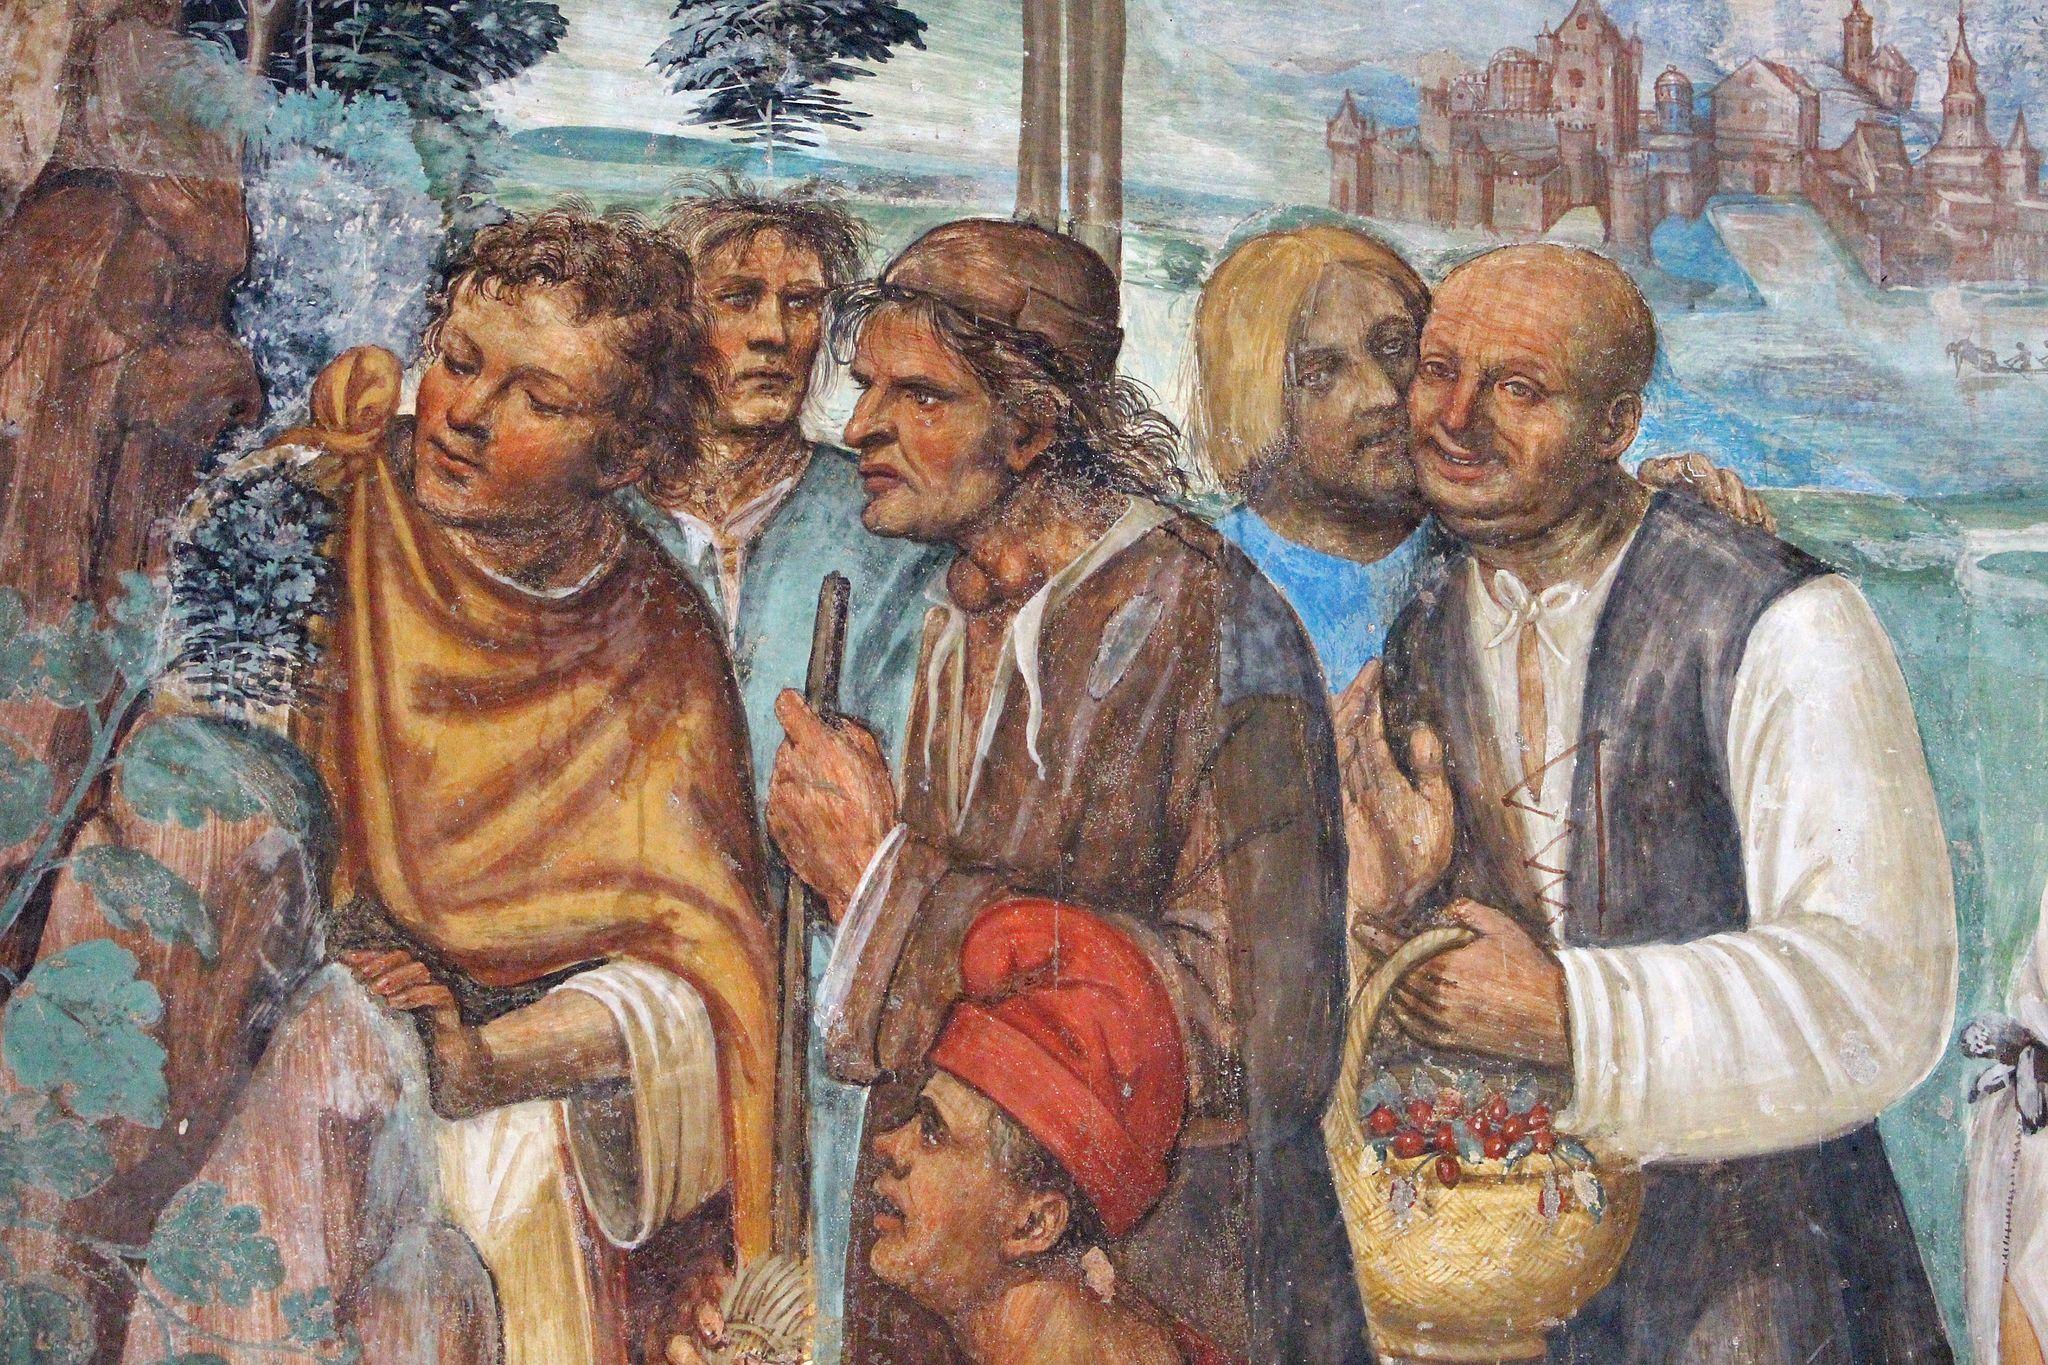 Storie di s. benedetto, 07 sodoma - Come Benedetto ammaestra nella santa dottrina i contadini che lo visitavano 03